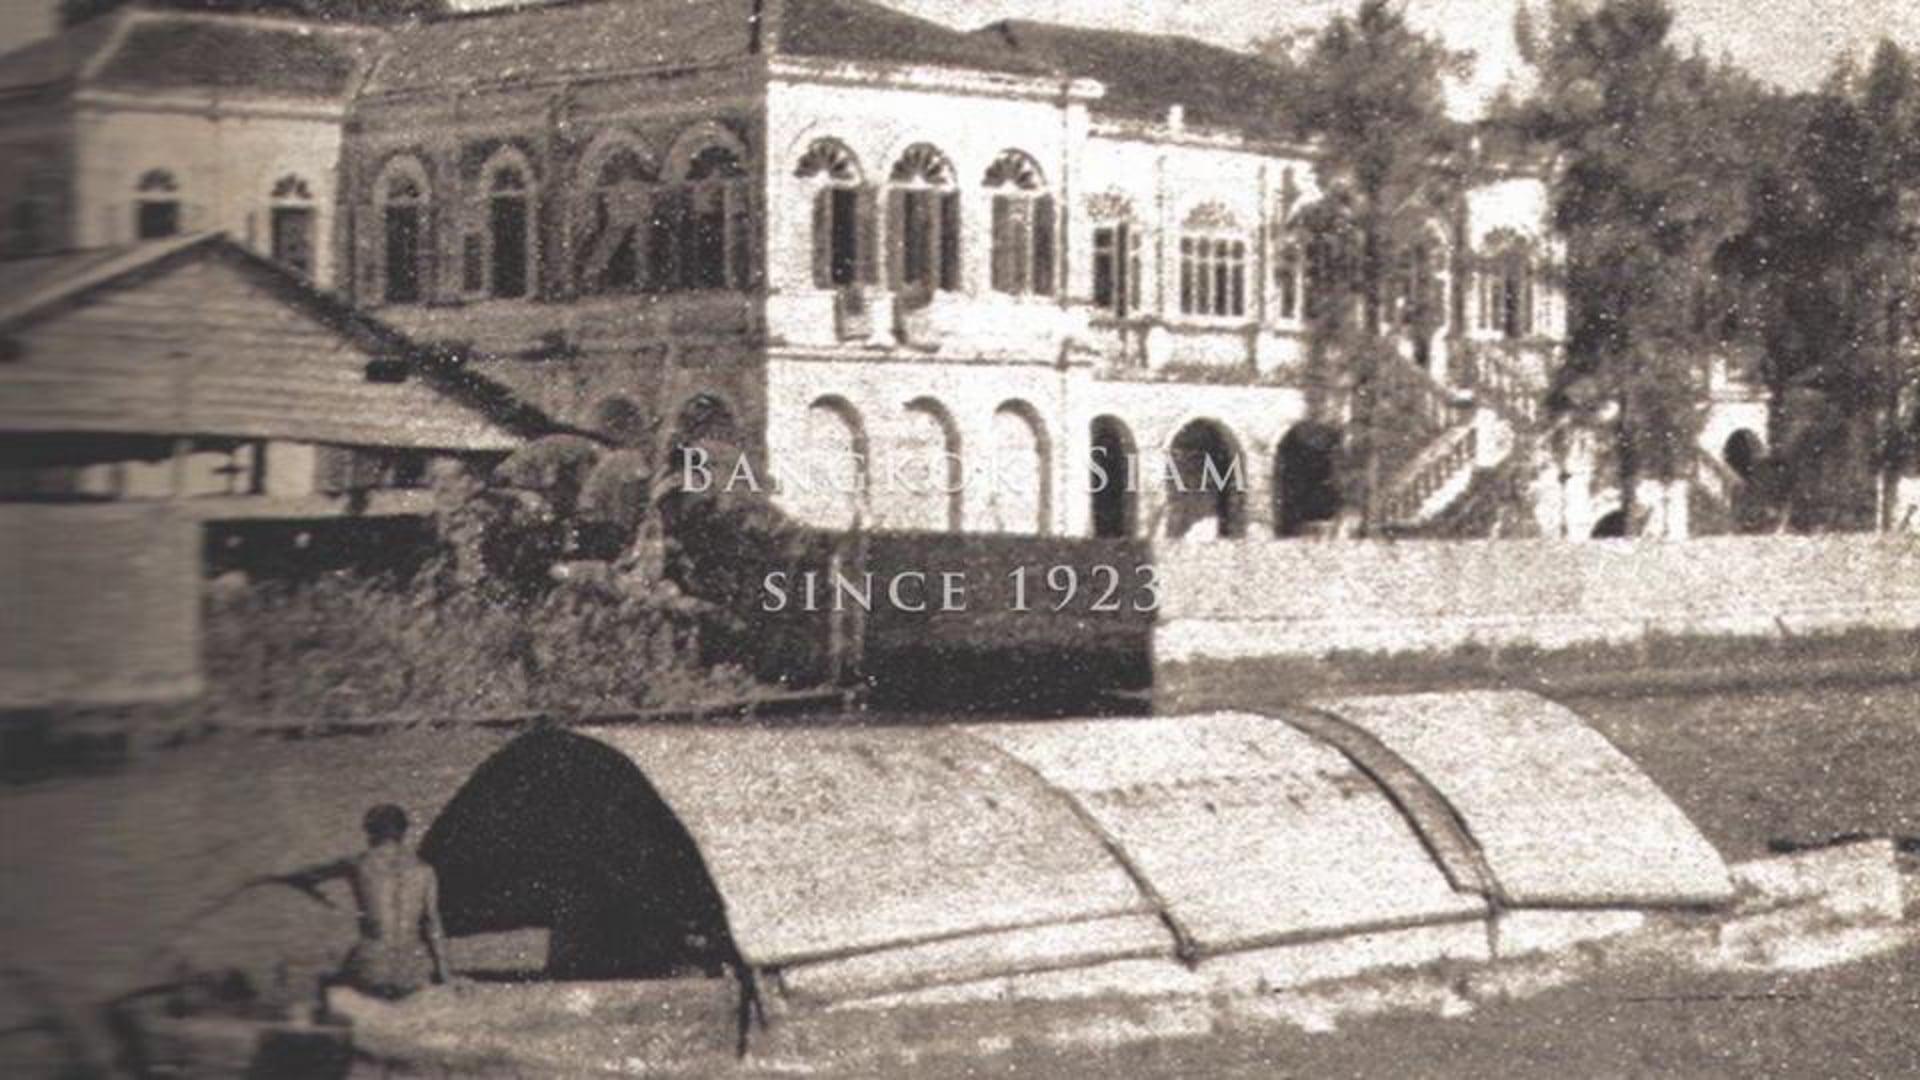 Praya Palazzo in Reincarnation